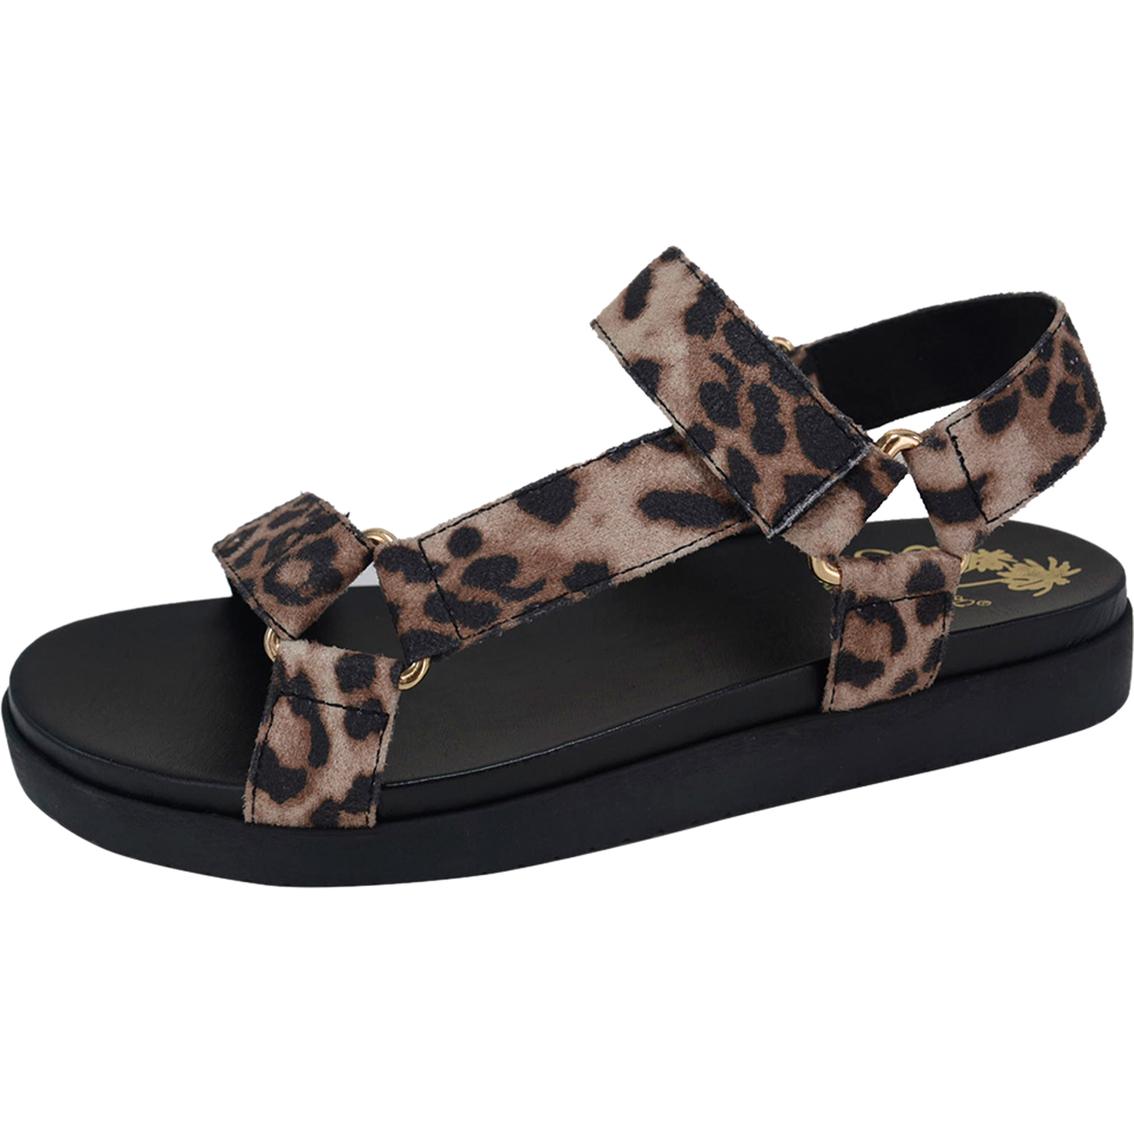 Jellypop Shoes Quests Sandals | Flats